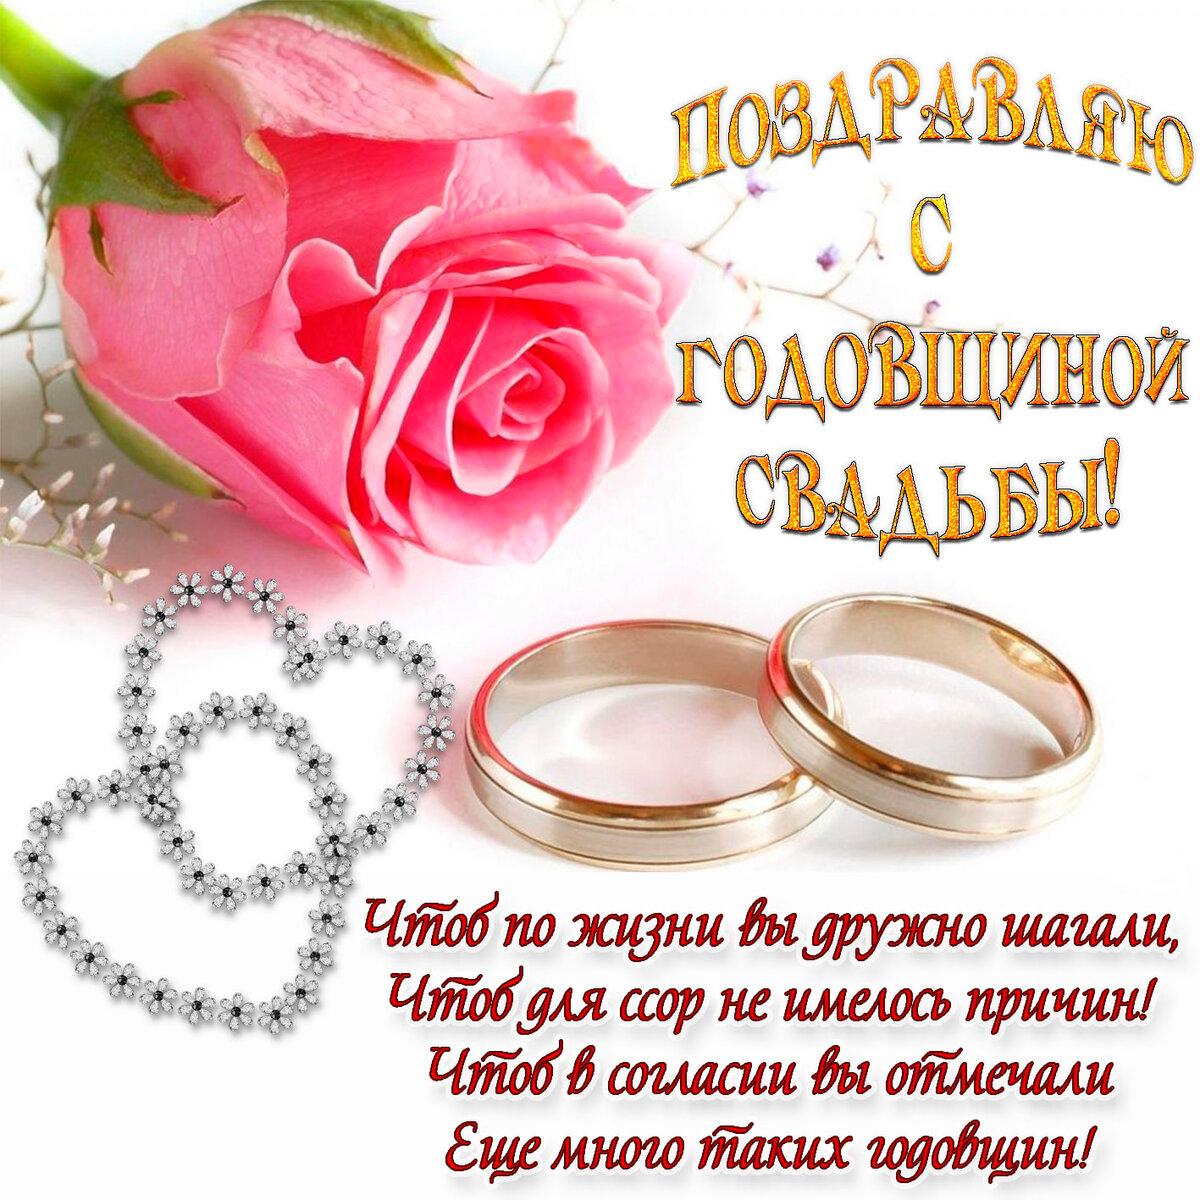 стоит стихи с днем первой годовщины свадьбы результате